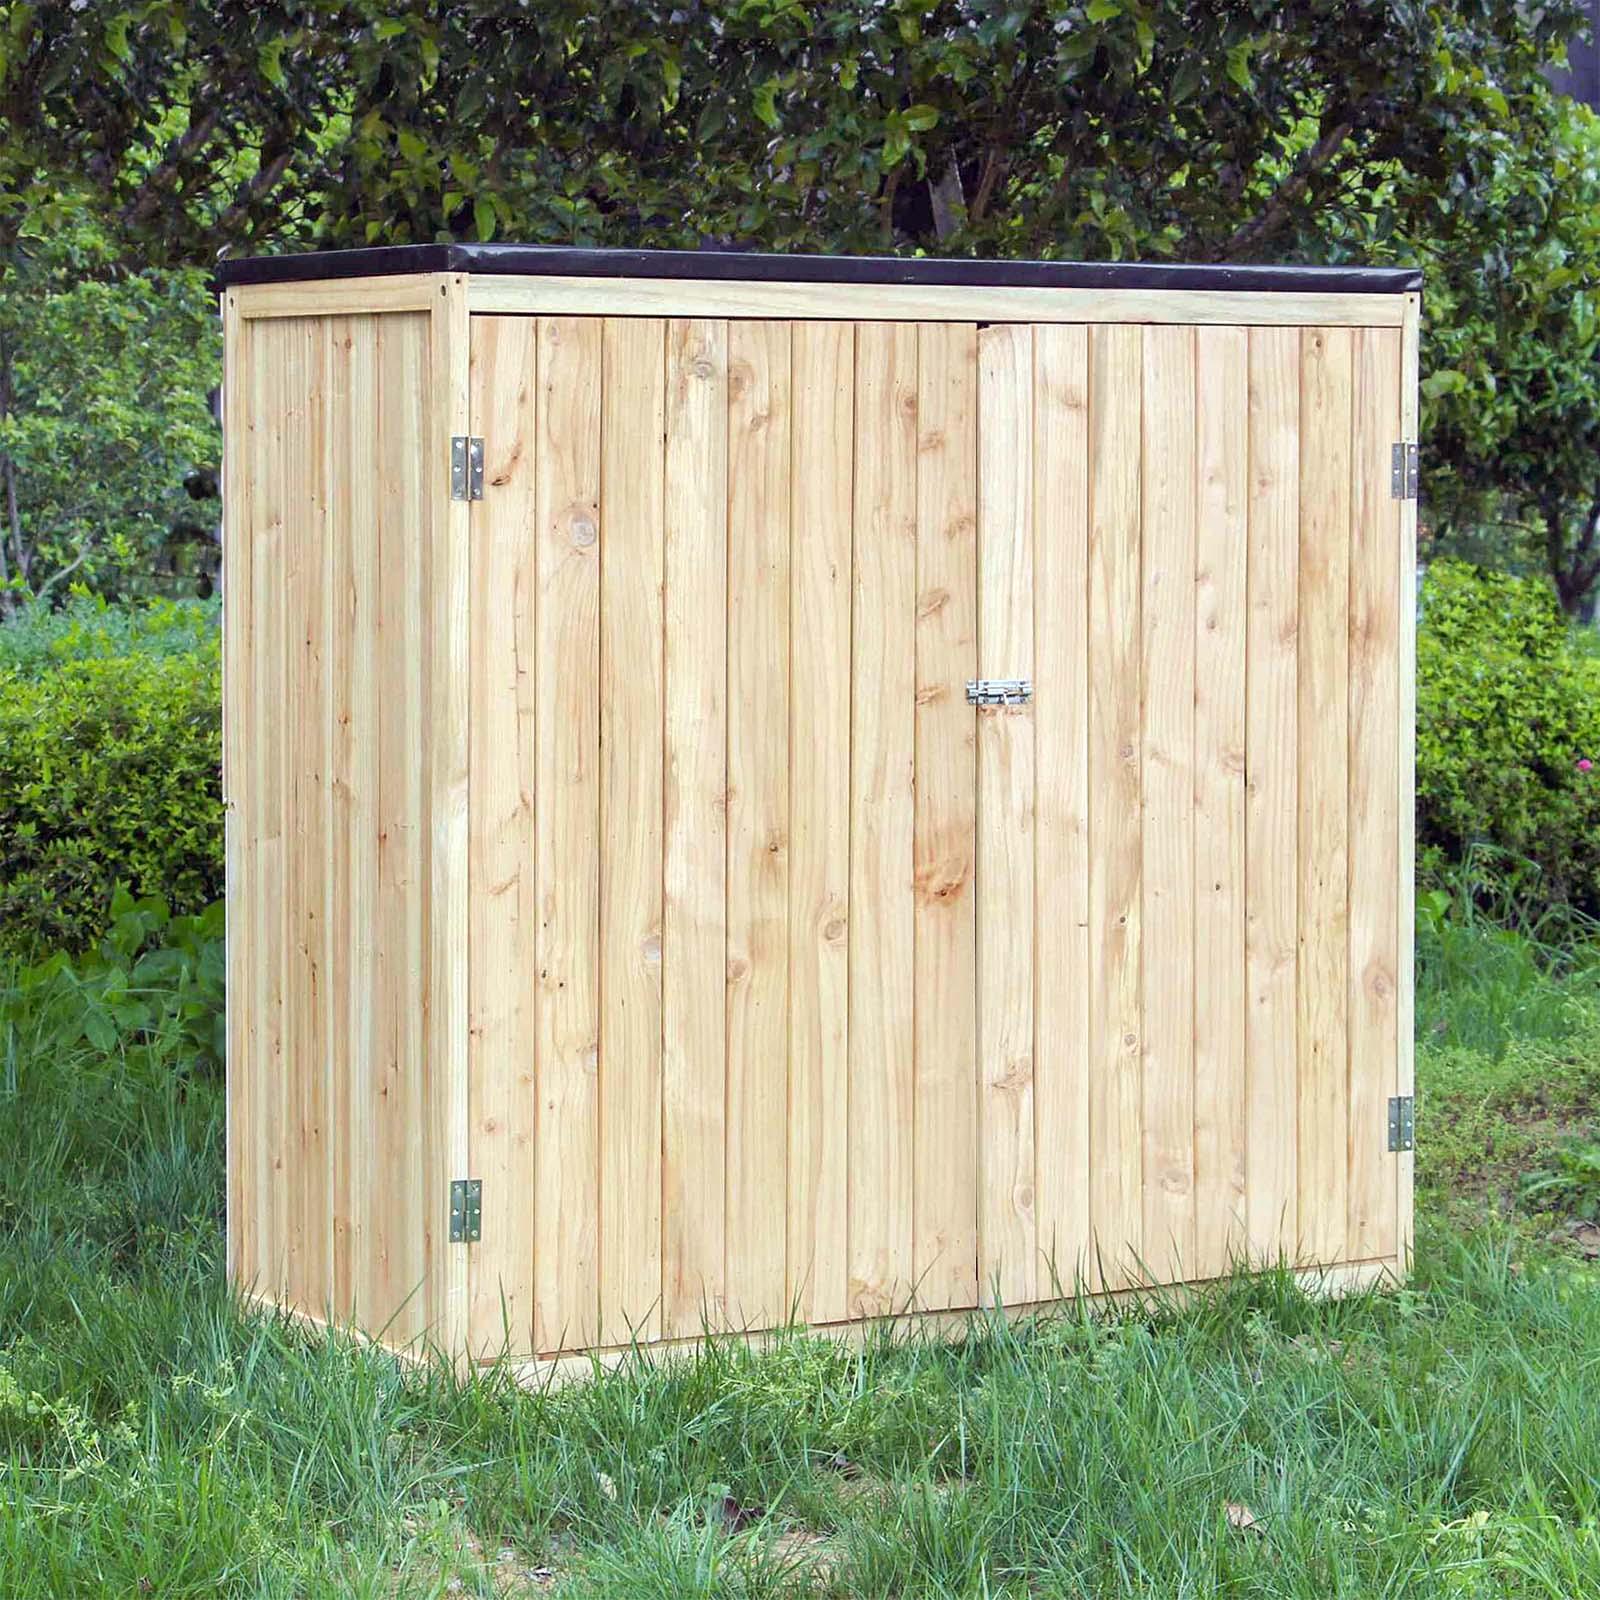 Cabane À Outils Bois détails sur armoire de jardin bois naturel double porte rangement outils  abri cabane remise